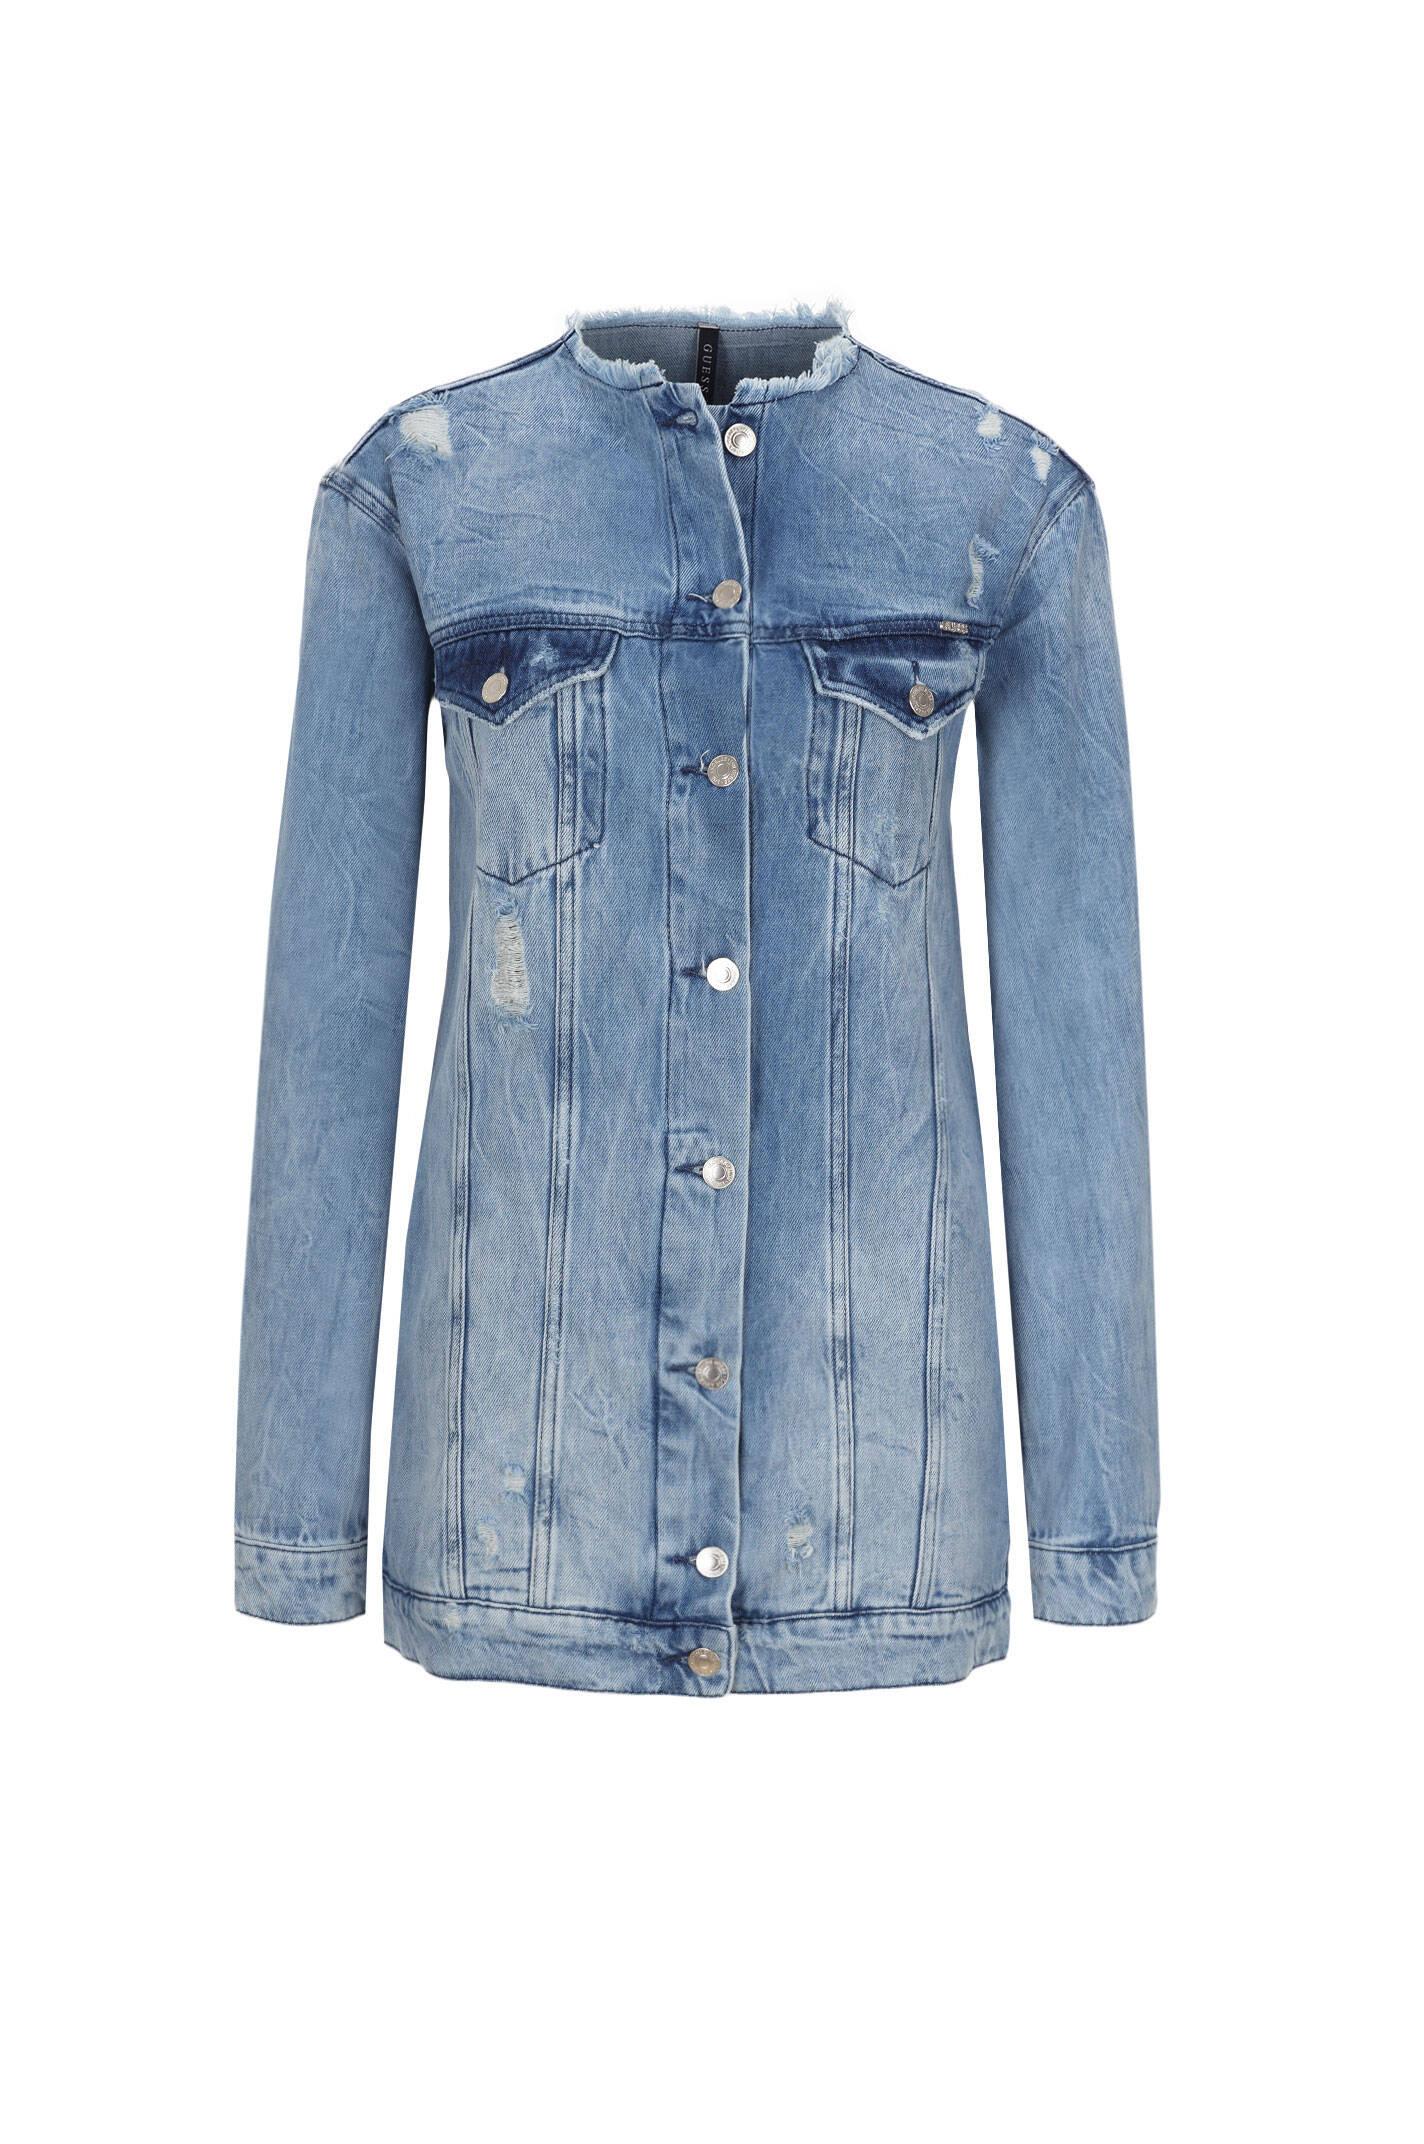 576da577c8f86 Kurtka jeansowa New Boyfriend Guess Jeans